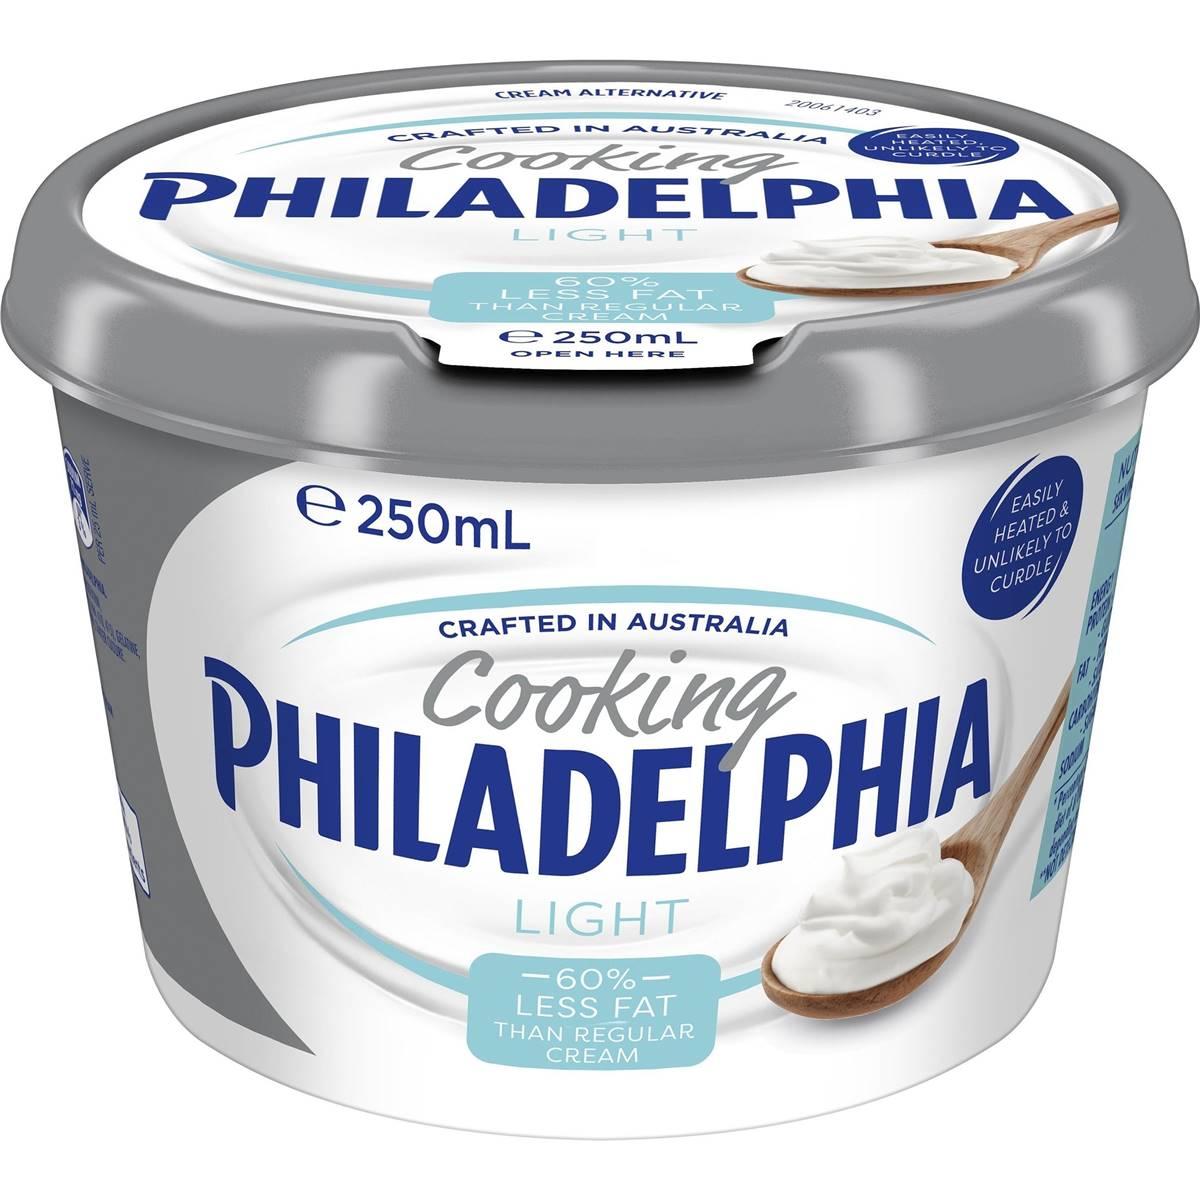 Philadelphia Cream For Cooking Light 250ml